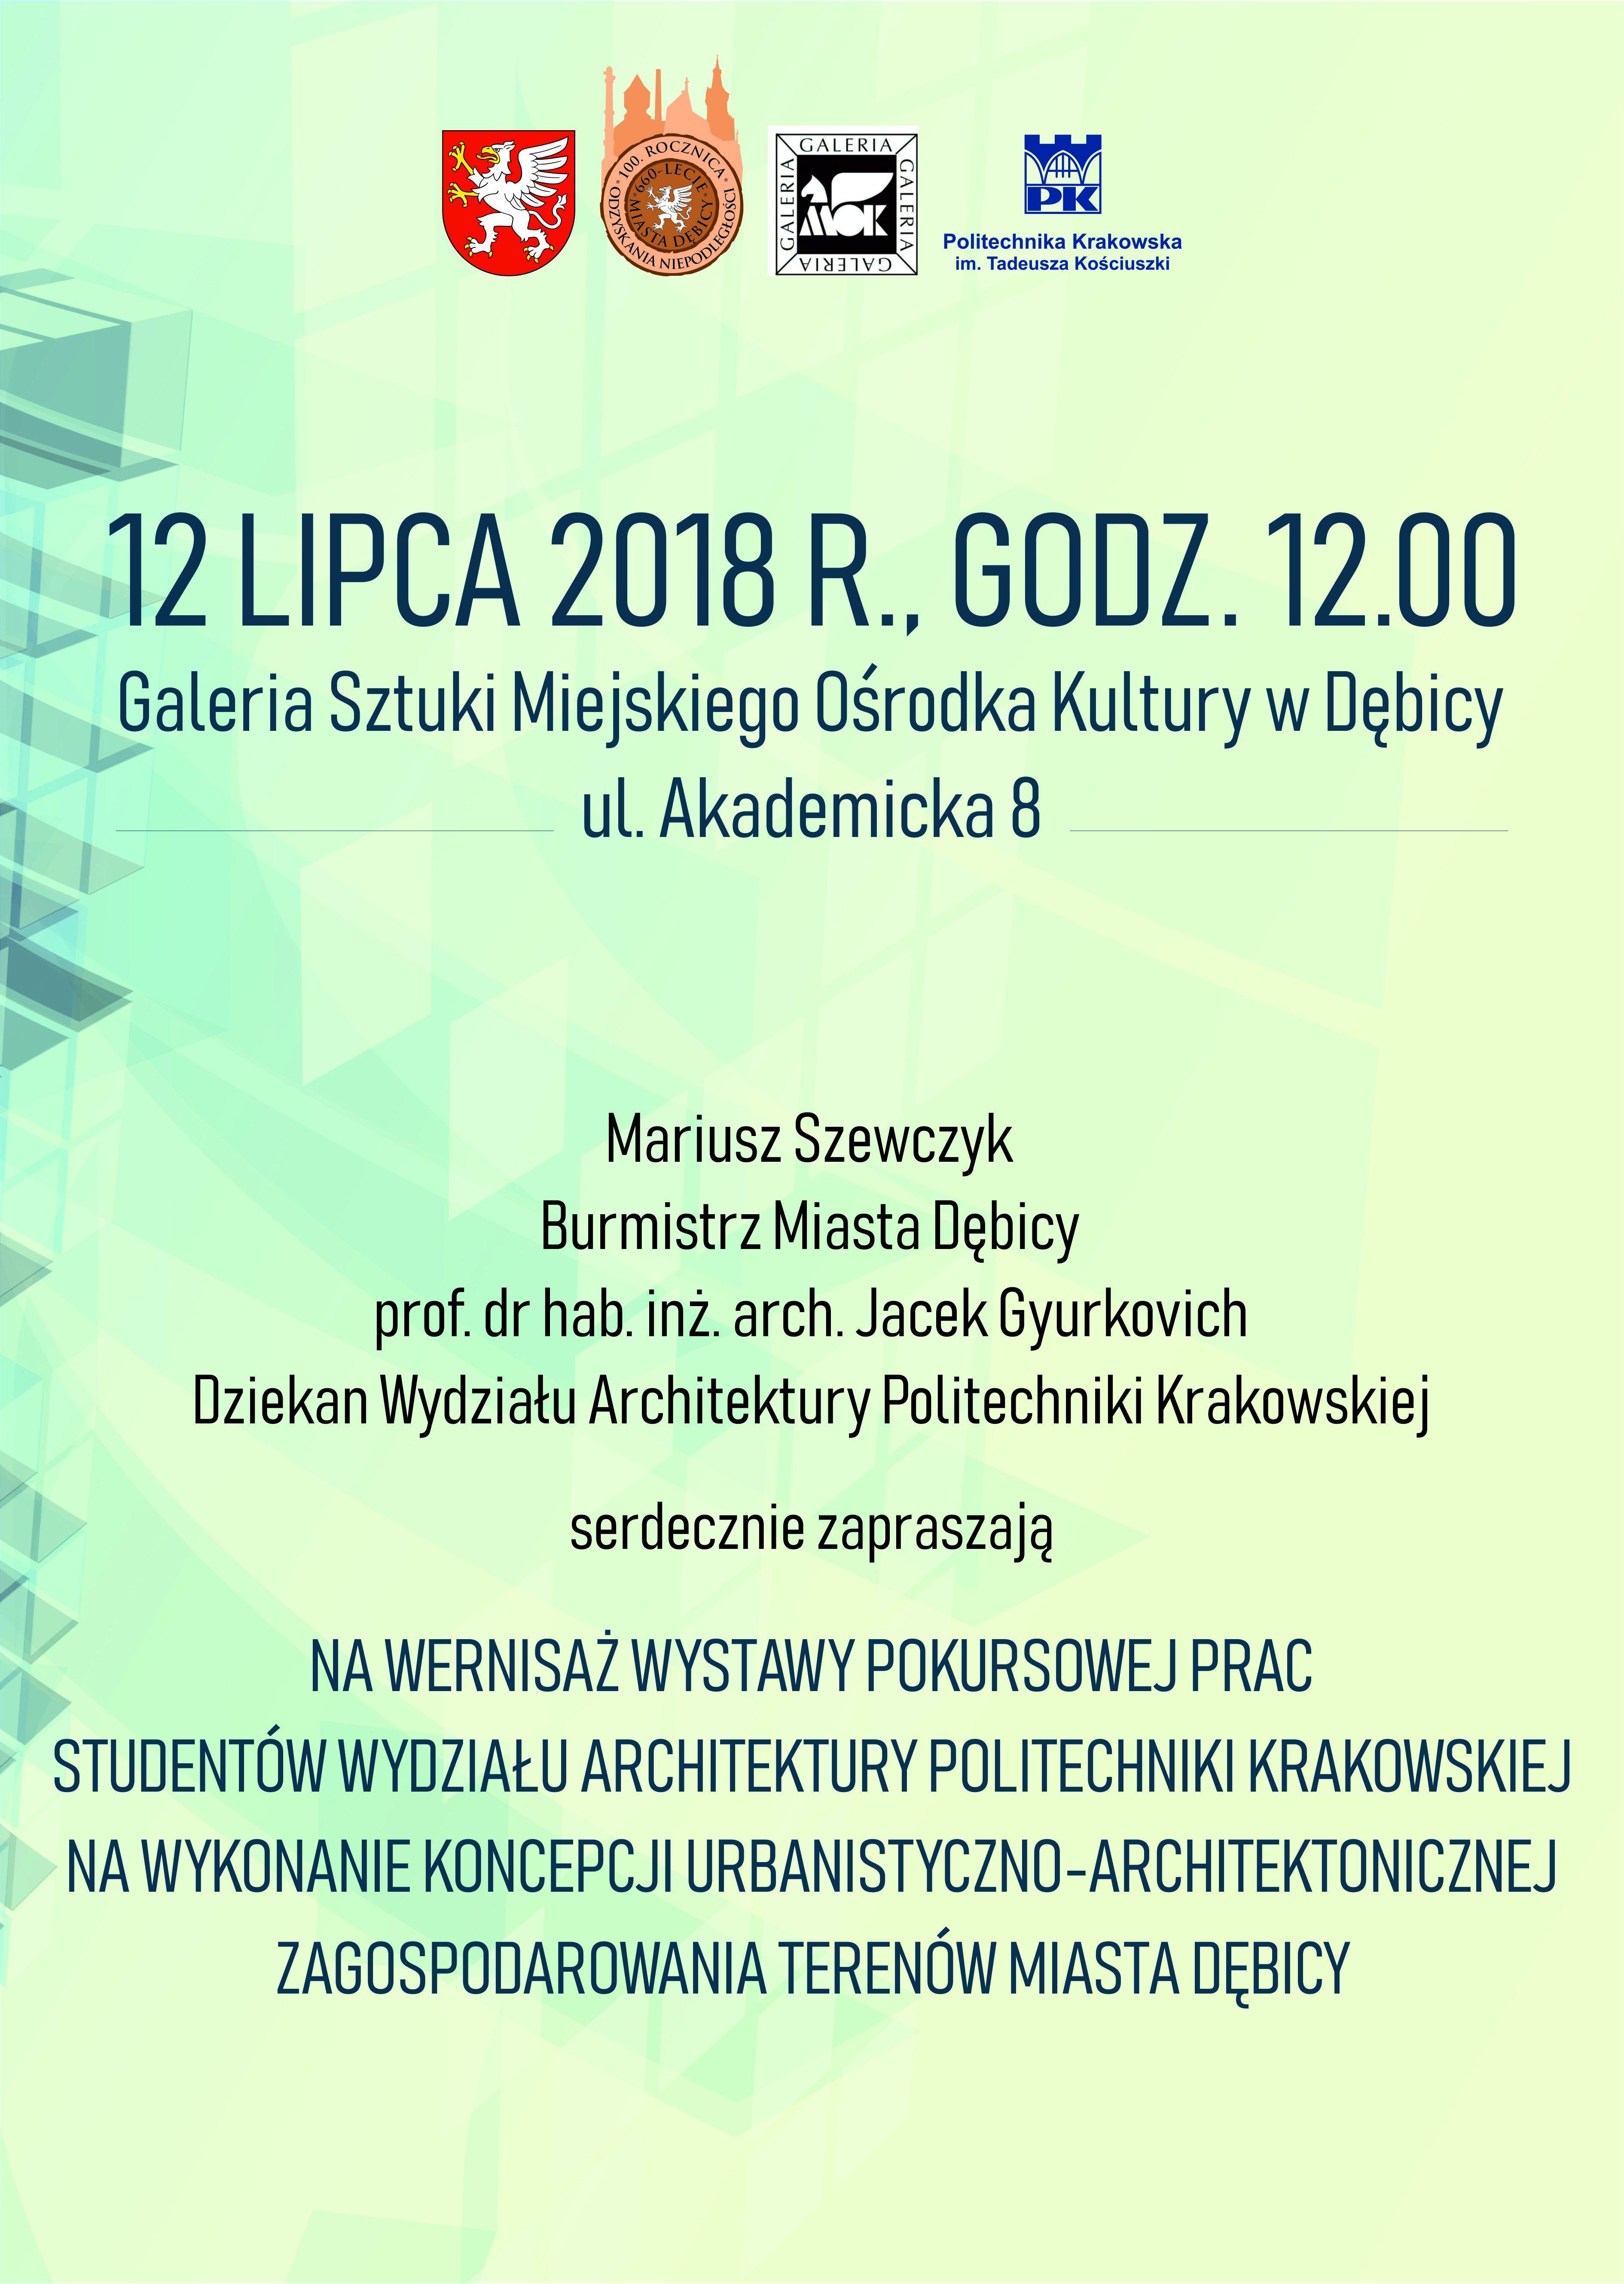 zaproszenie_wernisaz_plakat